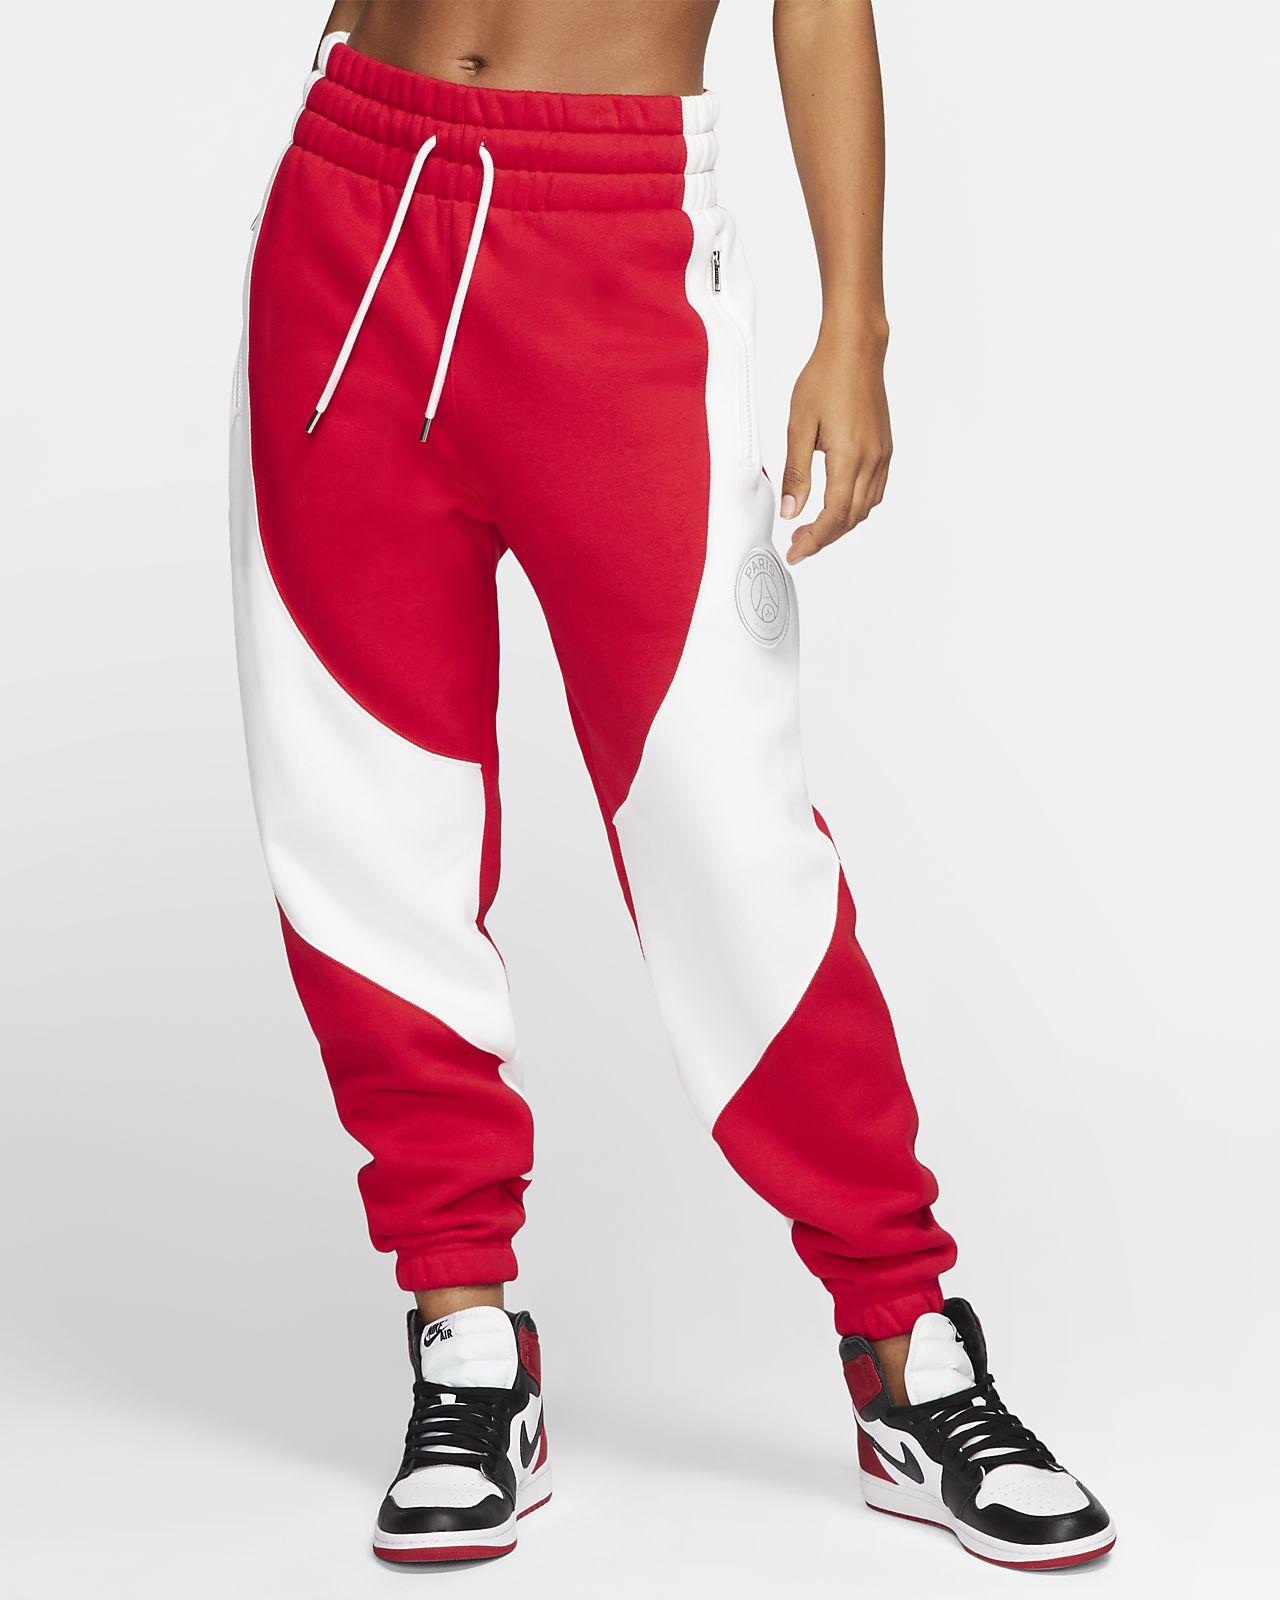 pantalon nike psg femme